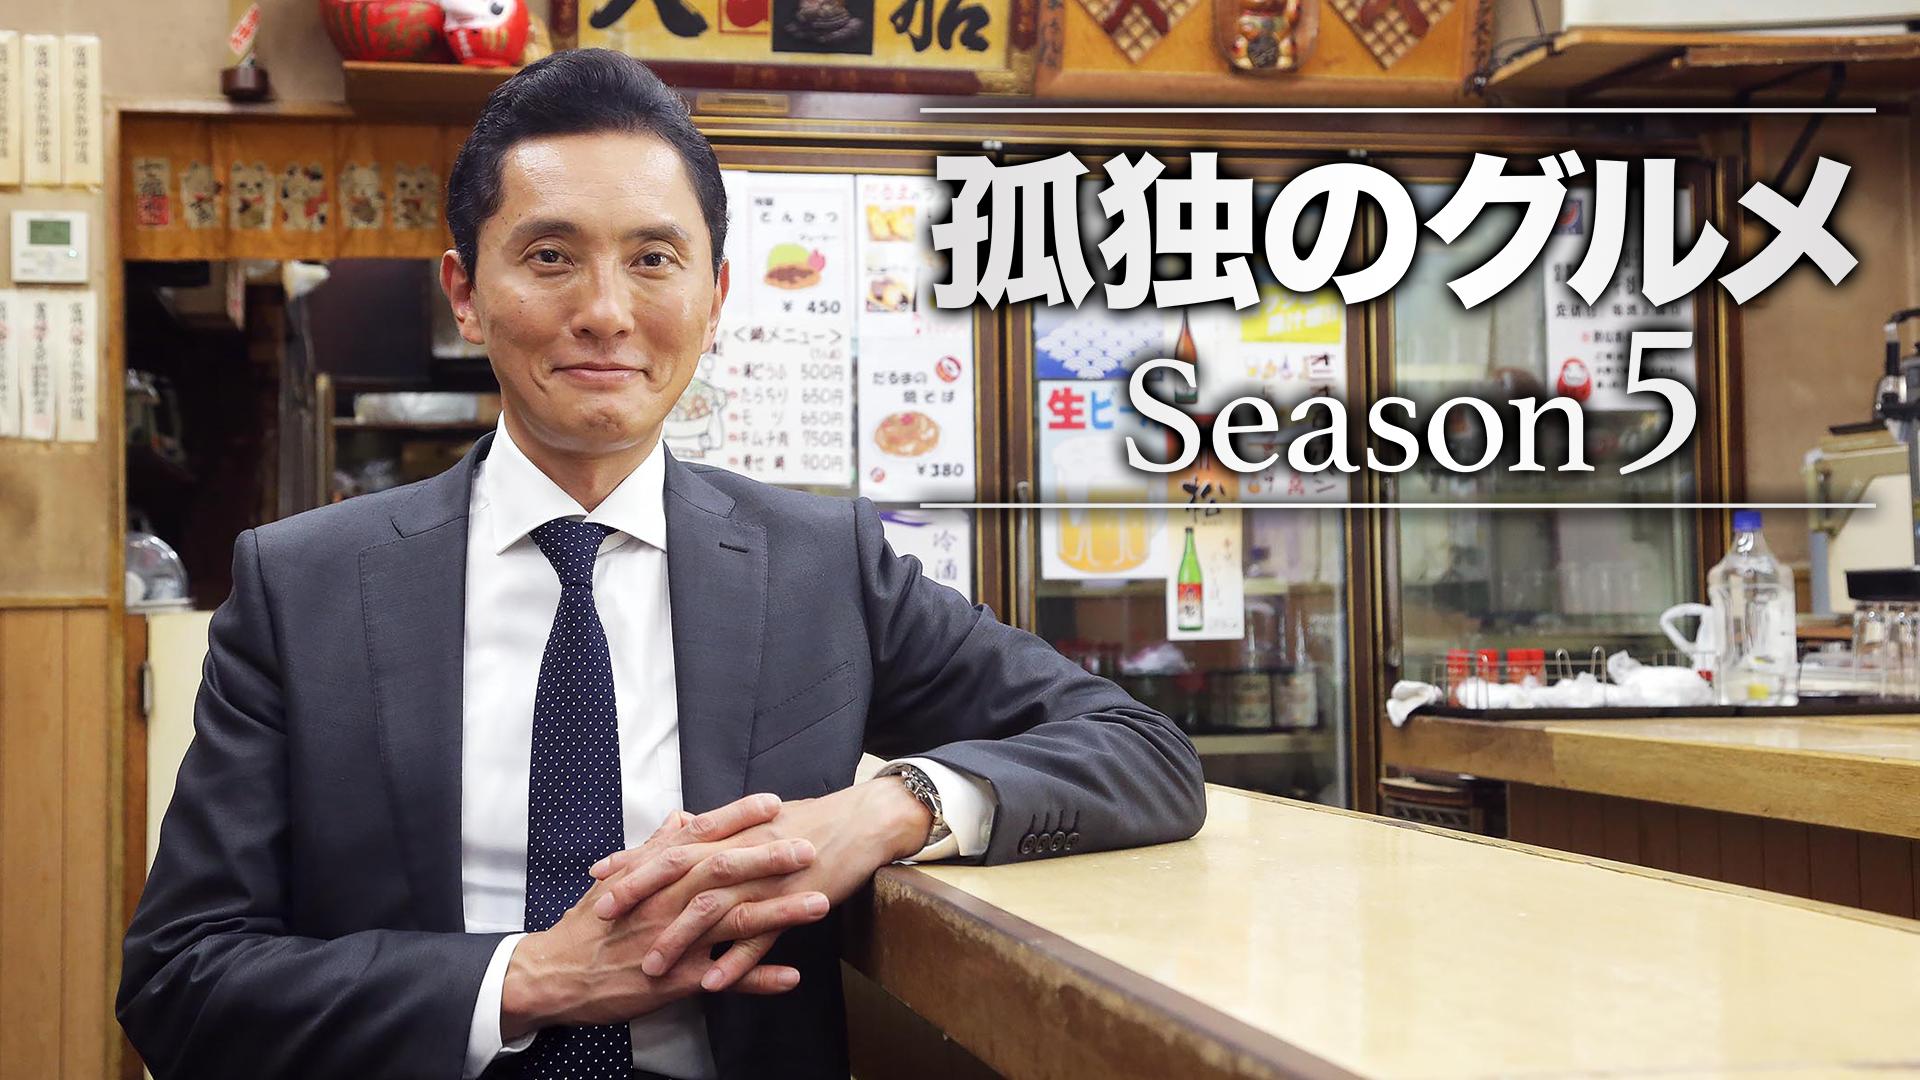 孤独のグルメ Season5の動画 - 孤独のグルメ 大晦日スペシャル~食べ納め!瀬戸内出張編~